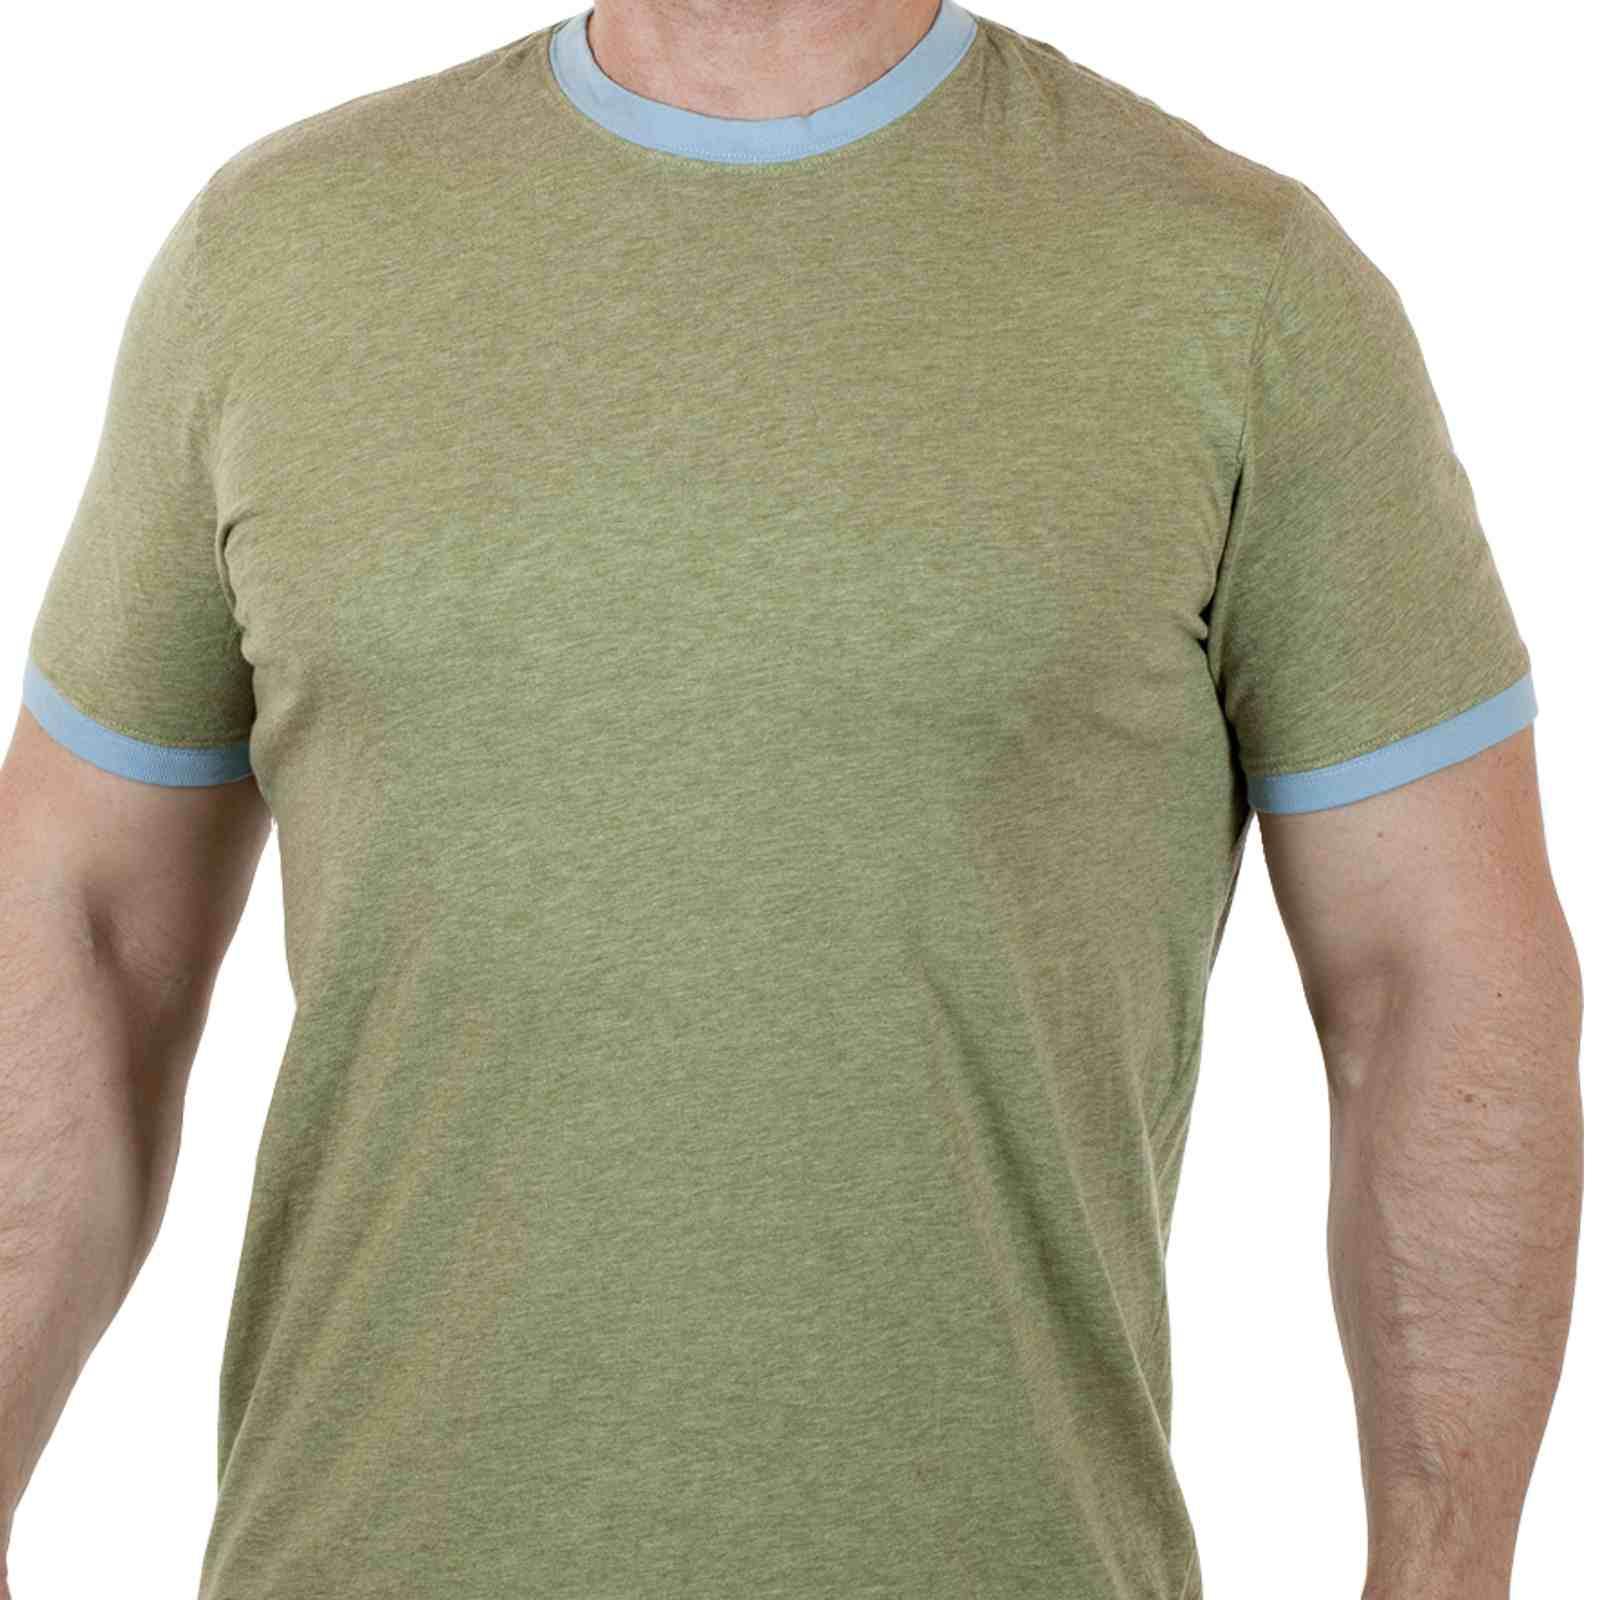 Брендовая футболка Express (США) для стильных парней-главная